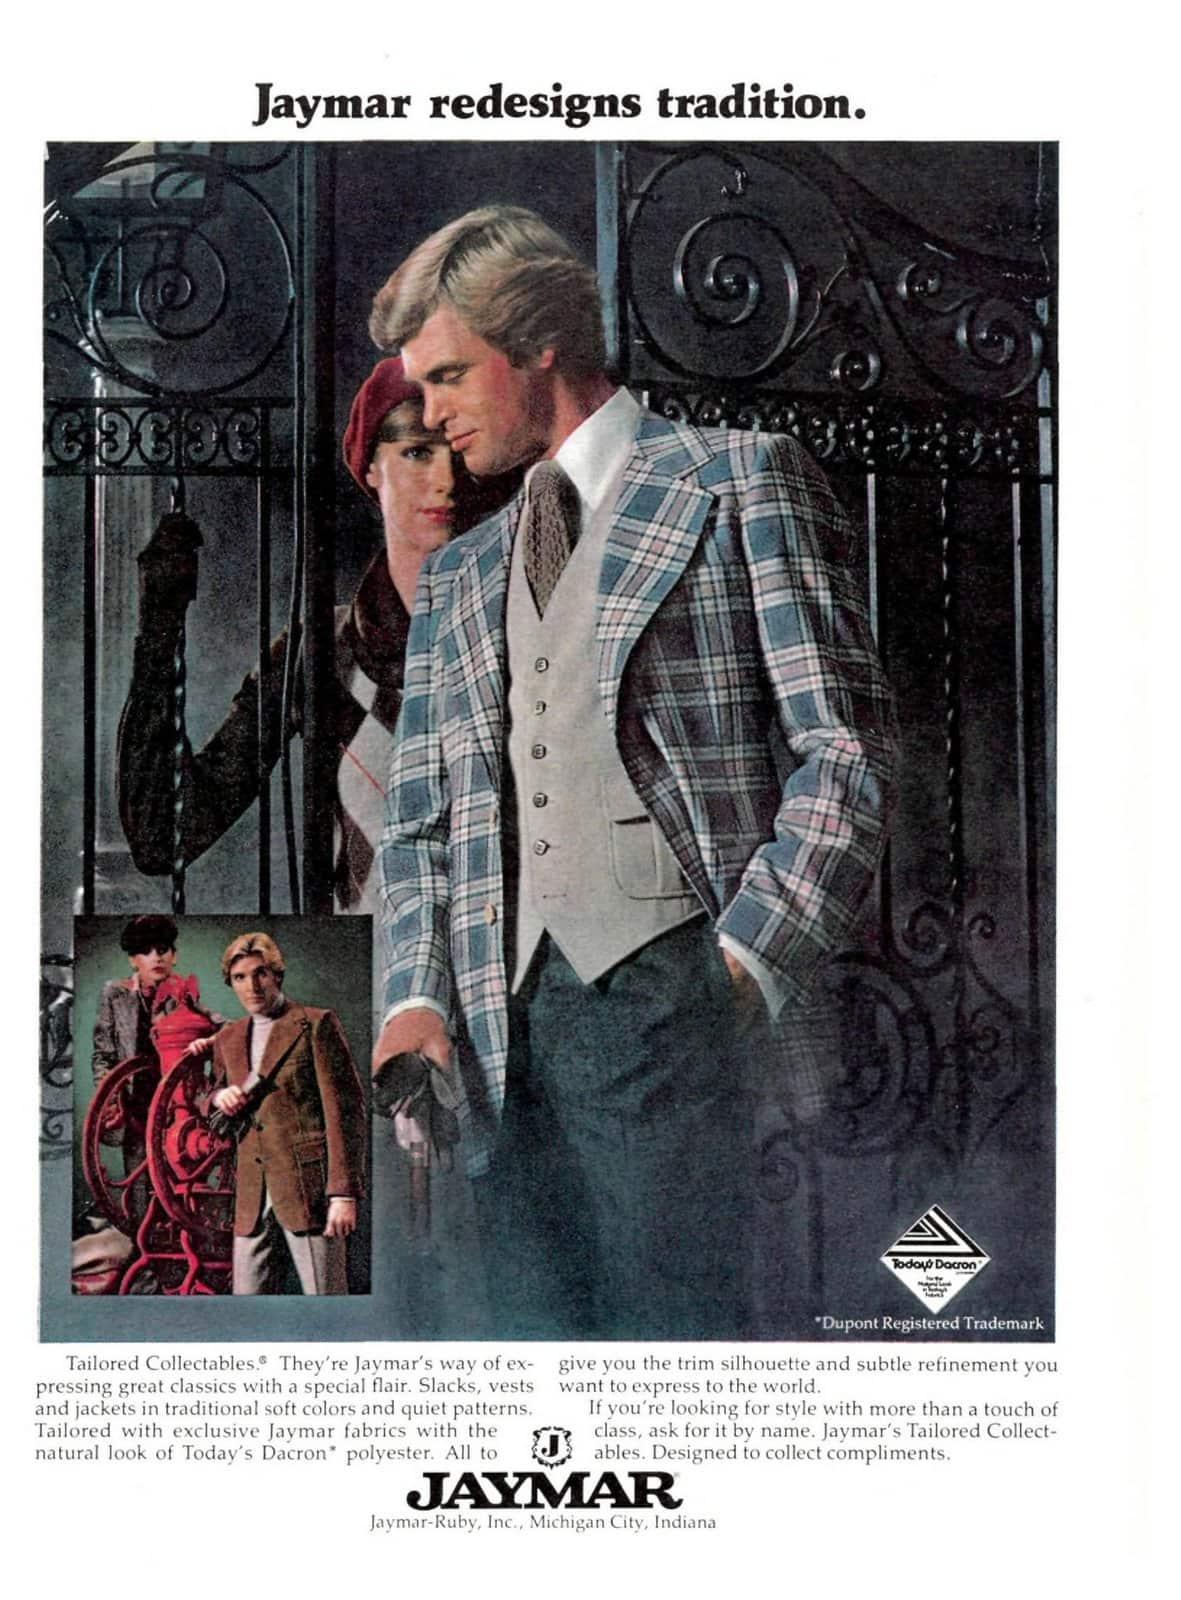 Retro Jaymar suits for men - Plaid jacket and grey vest (1977)